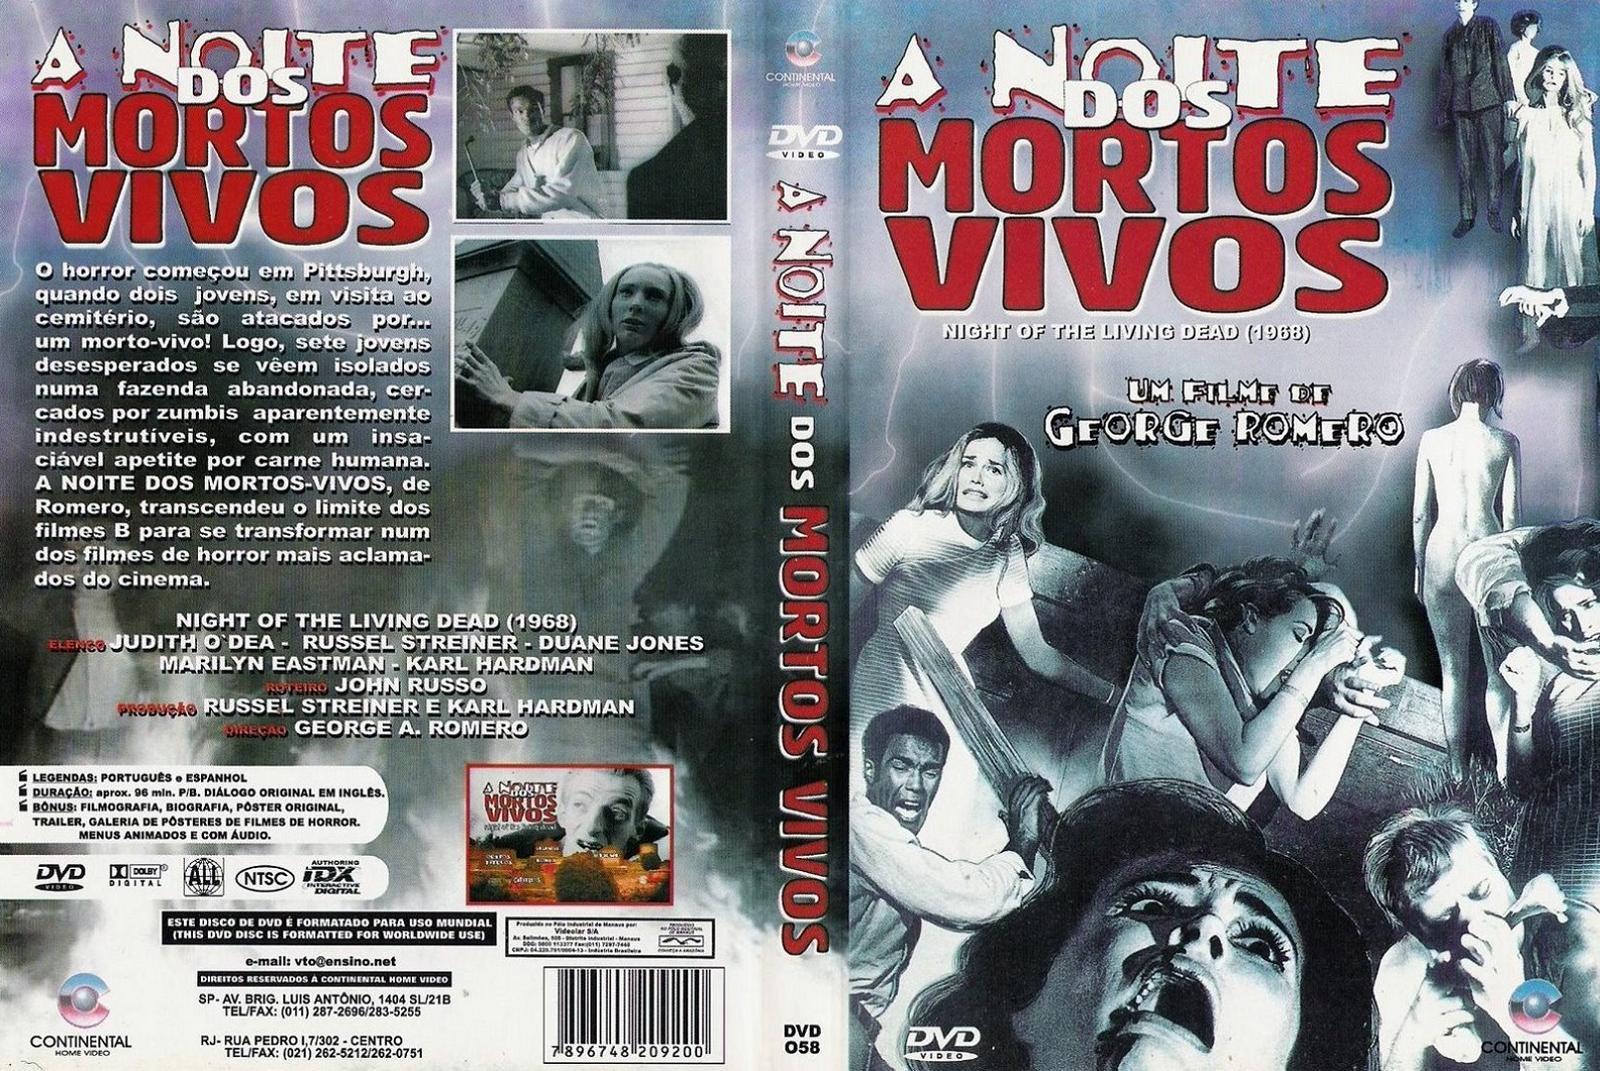 Filme Mortos Vivos with a noite dos mortos vivos (1968) oficial | gigante das capas